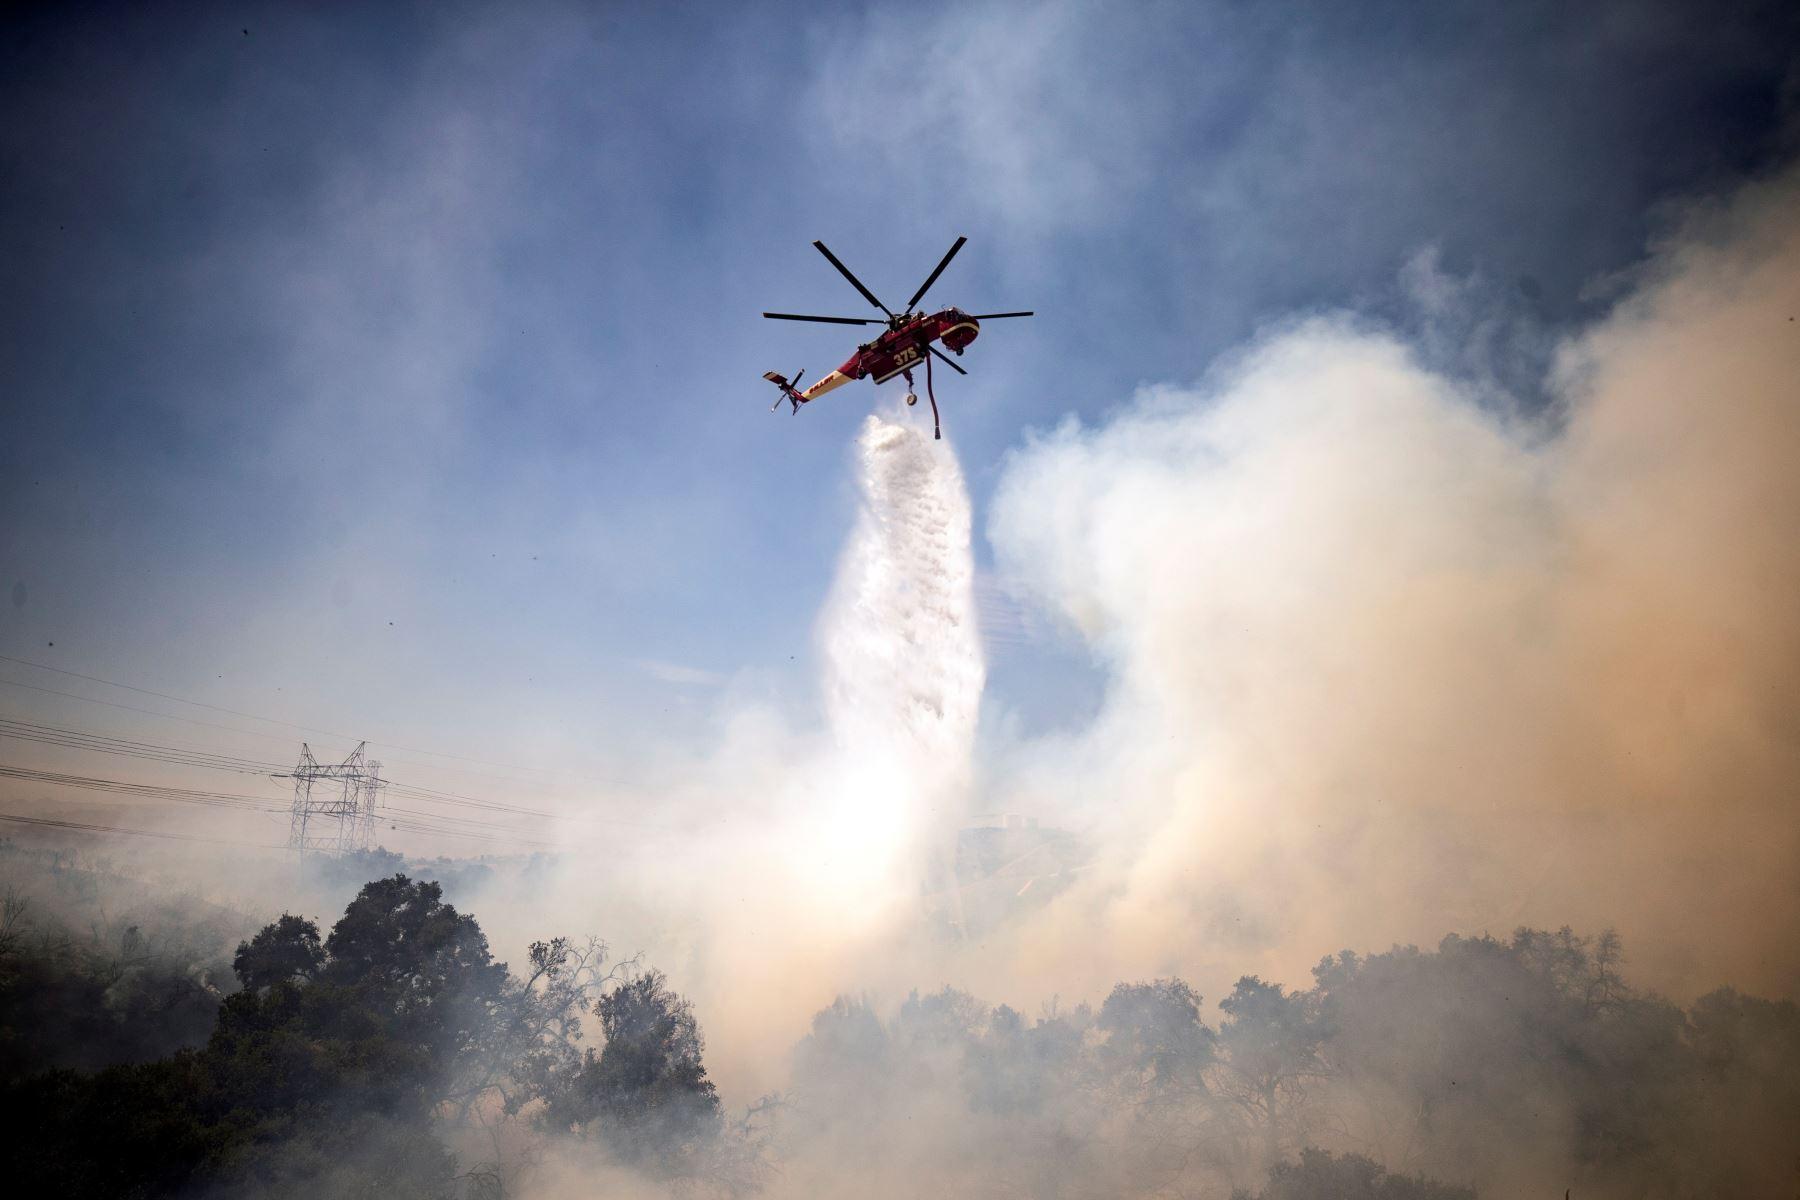 Un helicóptero arroja agua sobre el incendio de Elsmere cerca de Santa Clarita, California, EE. UU. Según los últimos informes de los medios, el incendio ha quemado 130 acres.  Foto: EFE